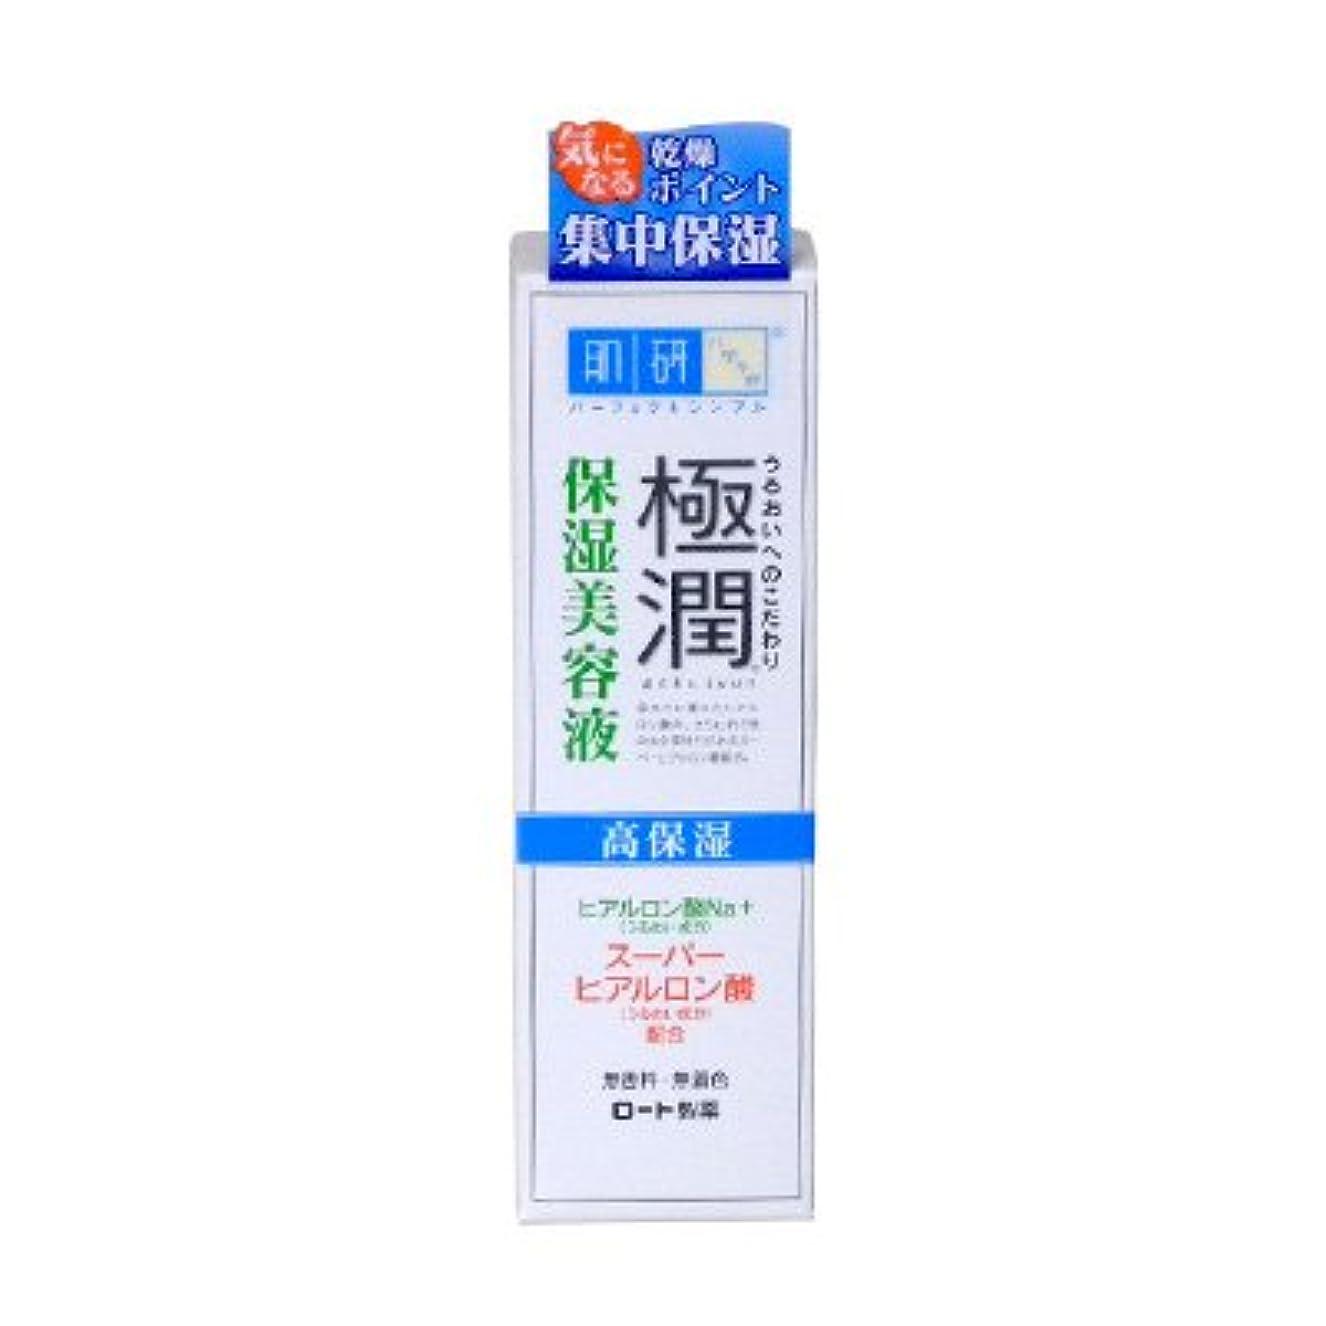 アラーム。早いロート製薬 ハダラボ 極潤 保湿美容液 30g